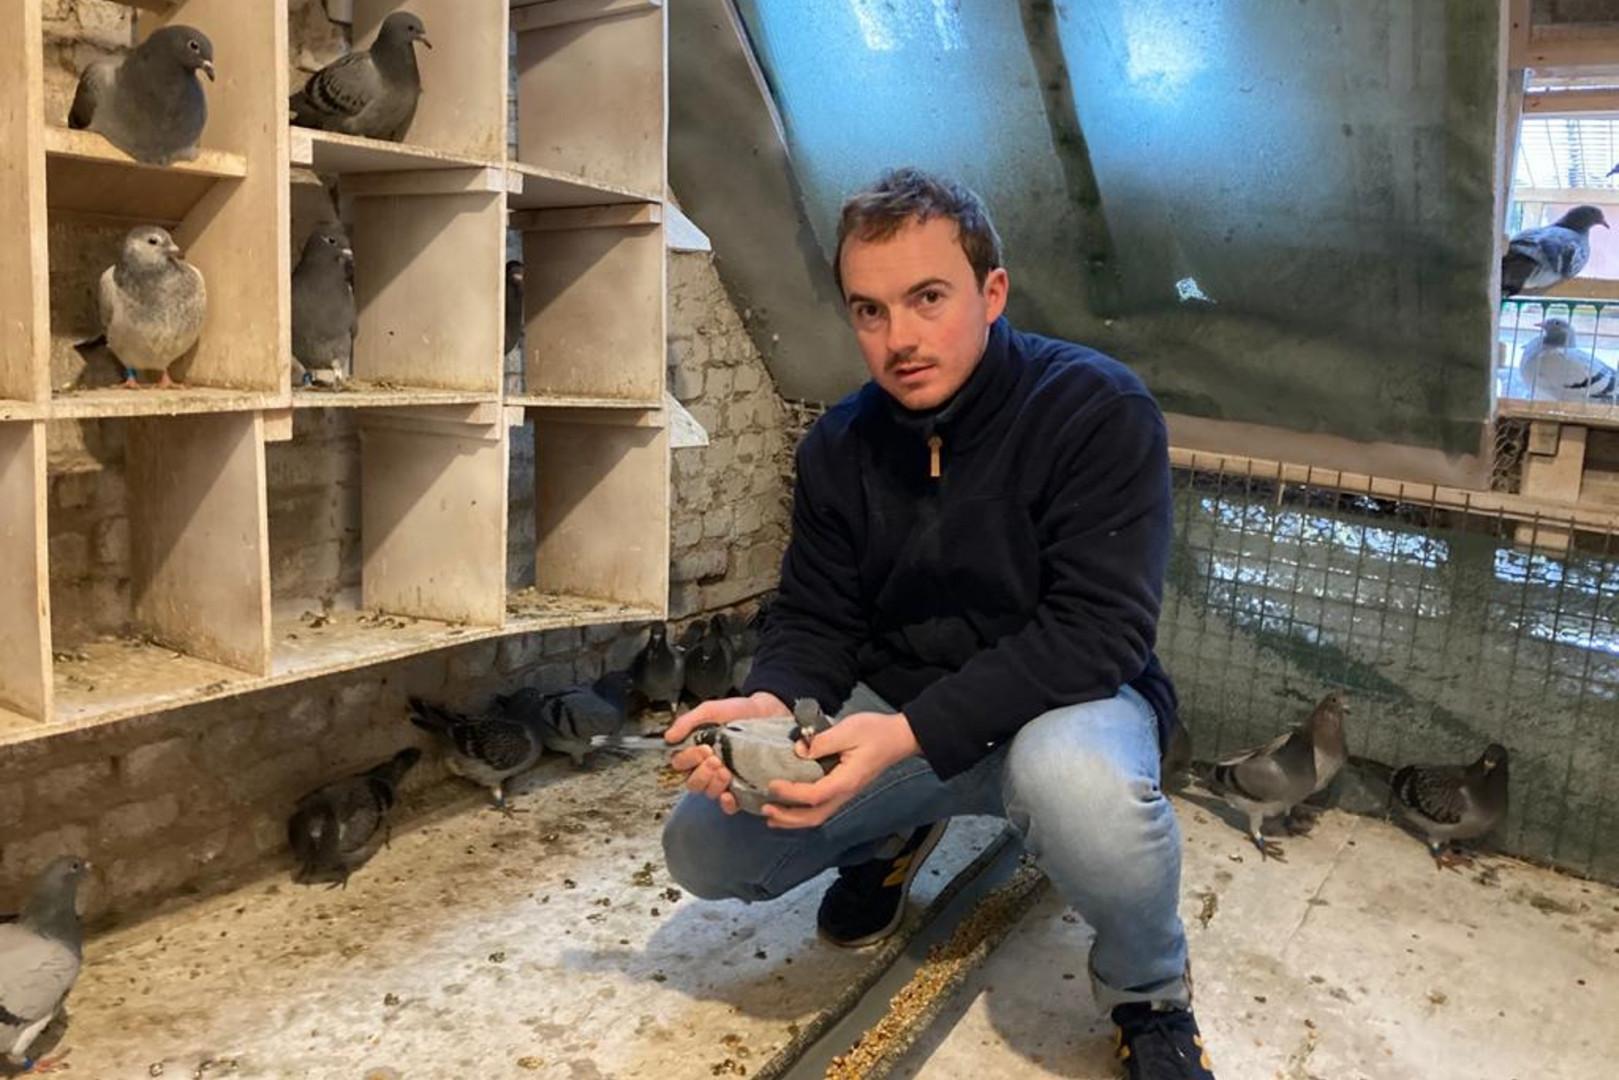 Tanguy Gervois devant ses pigeons dans le grenier de ses parents